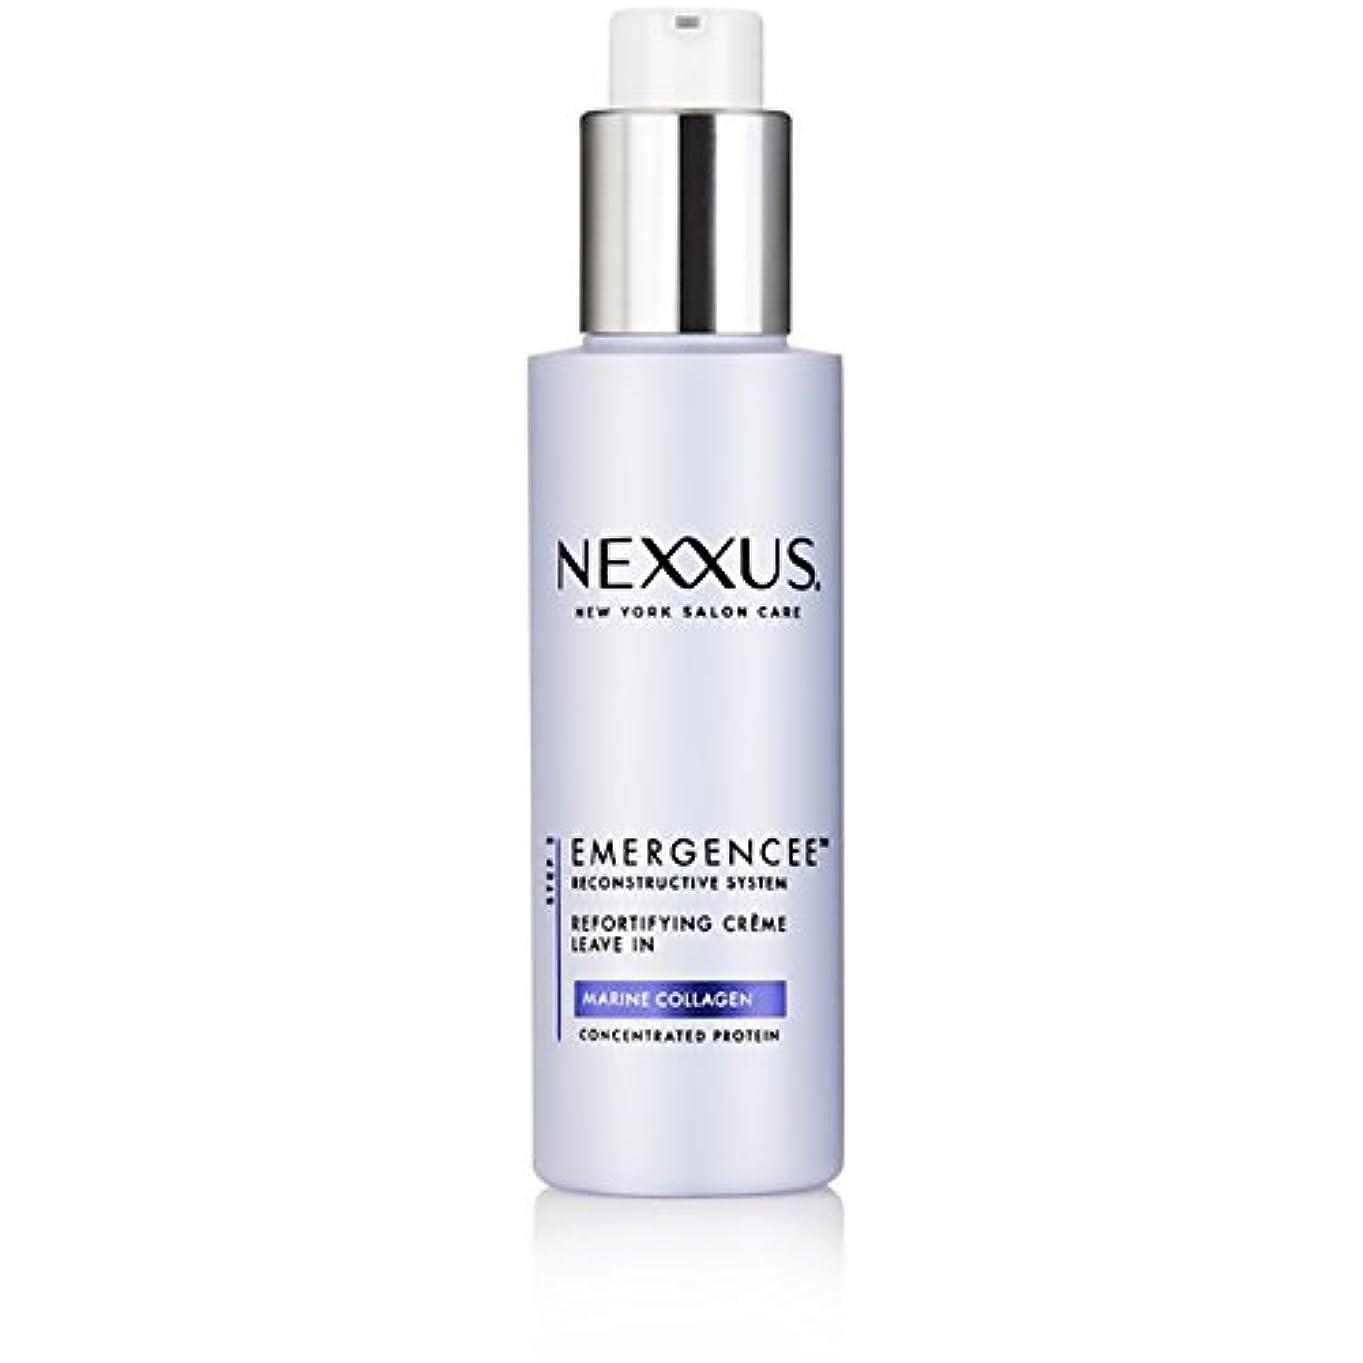 入り口四分円ピアニストNexxus Emergenceeはダメージを受けた髪のためにクリーム状にしておきます、150 ml